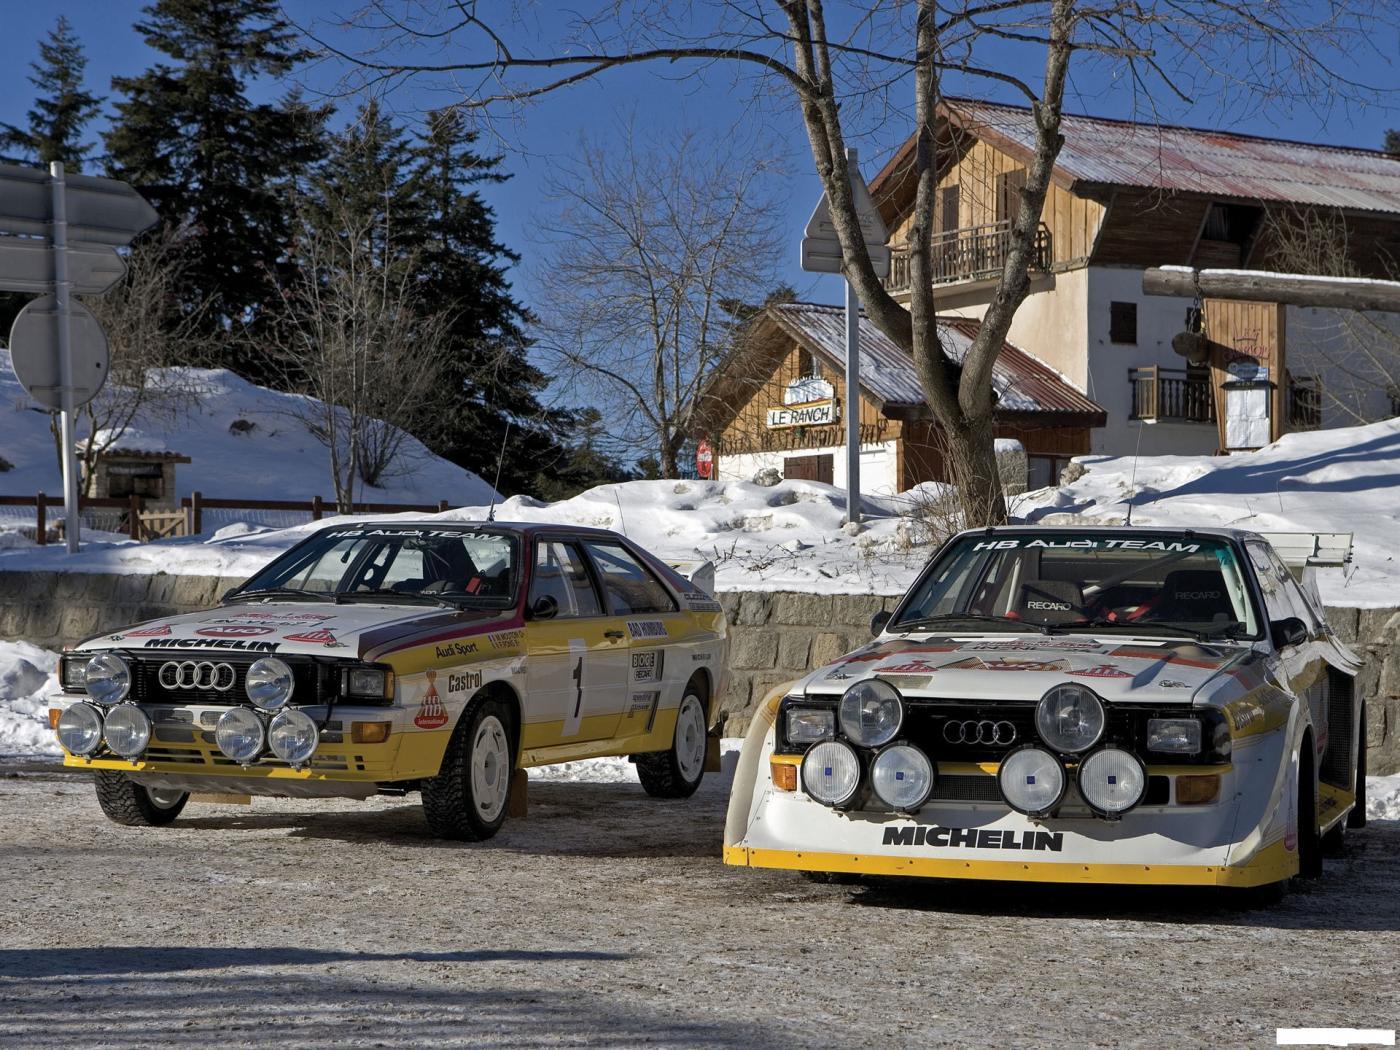 Audi-Quattro-MB-2